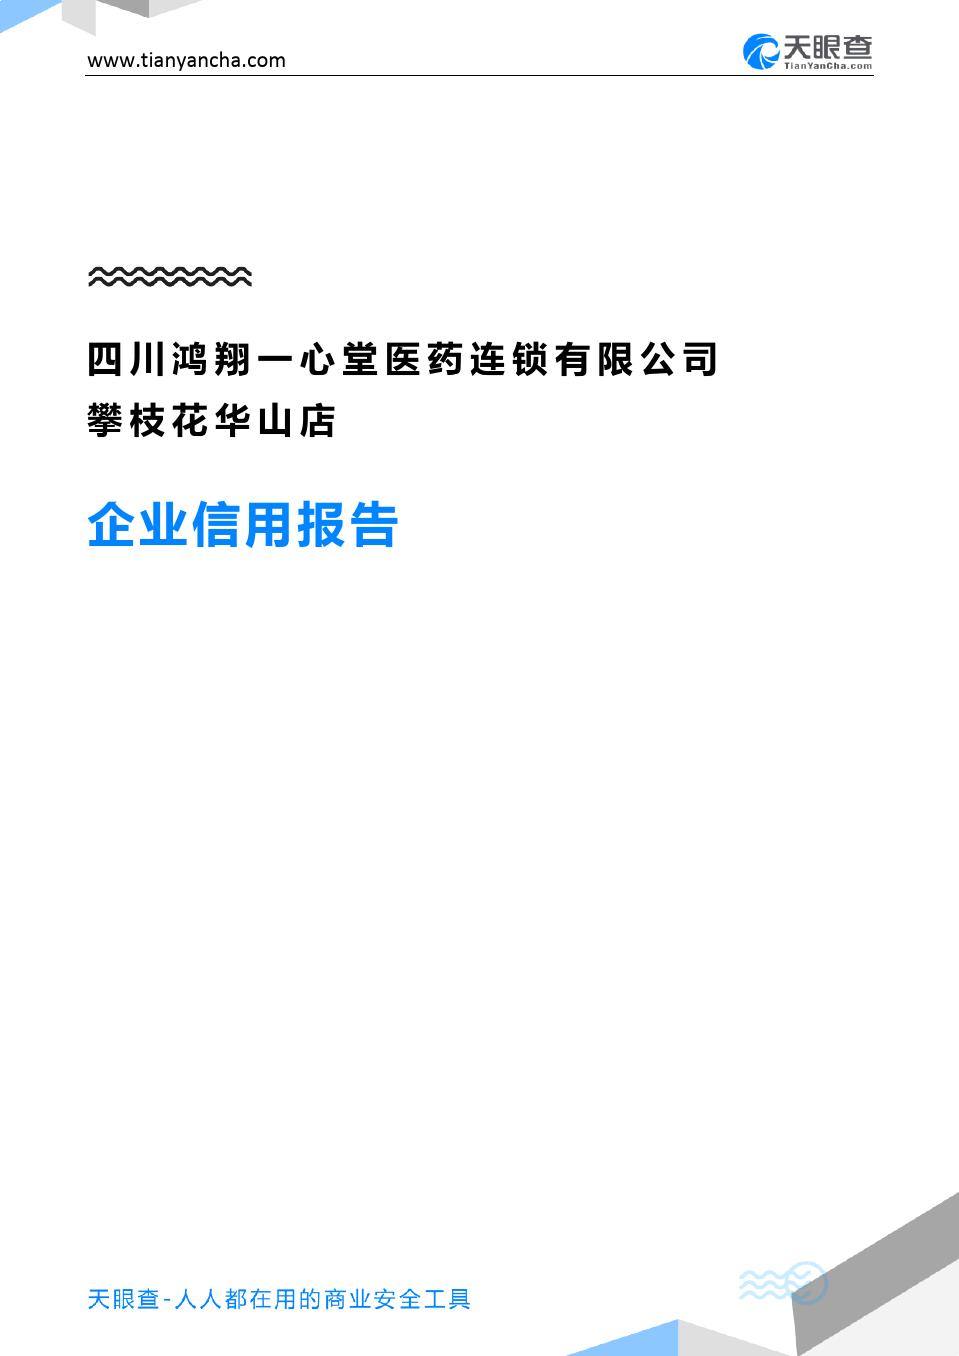 四川鸿翔一心堂医药连锁有限公司攀枝花华山店企业信用报告-天眼查